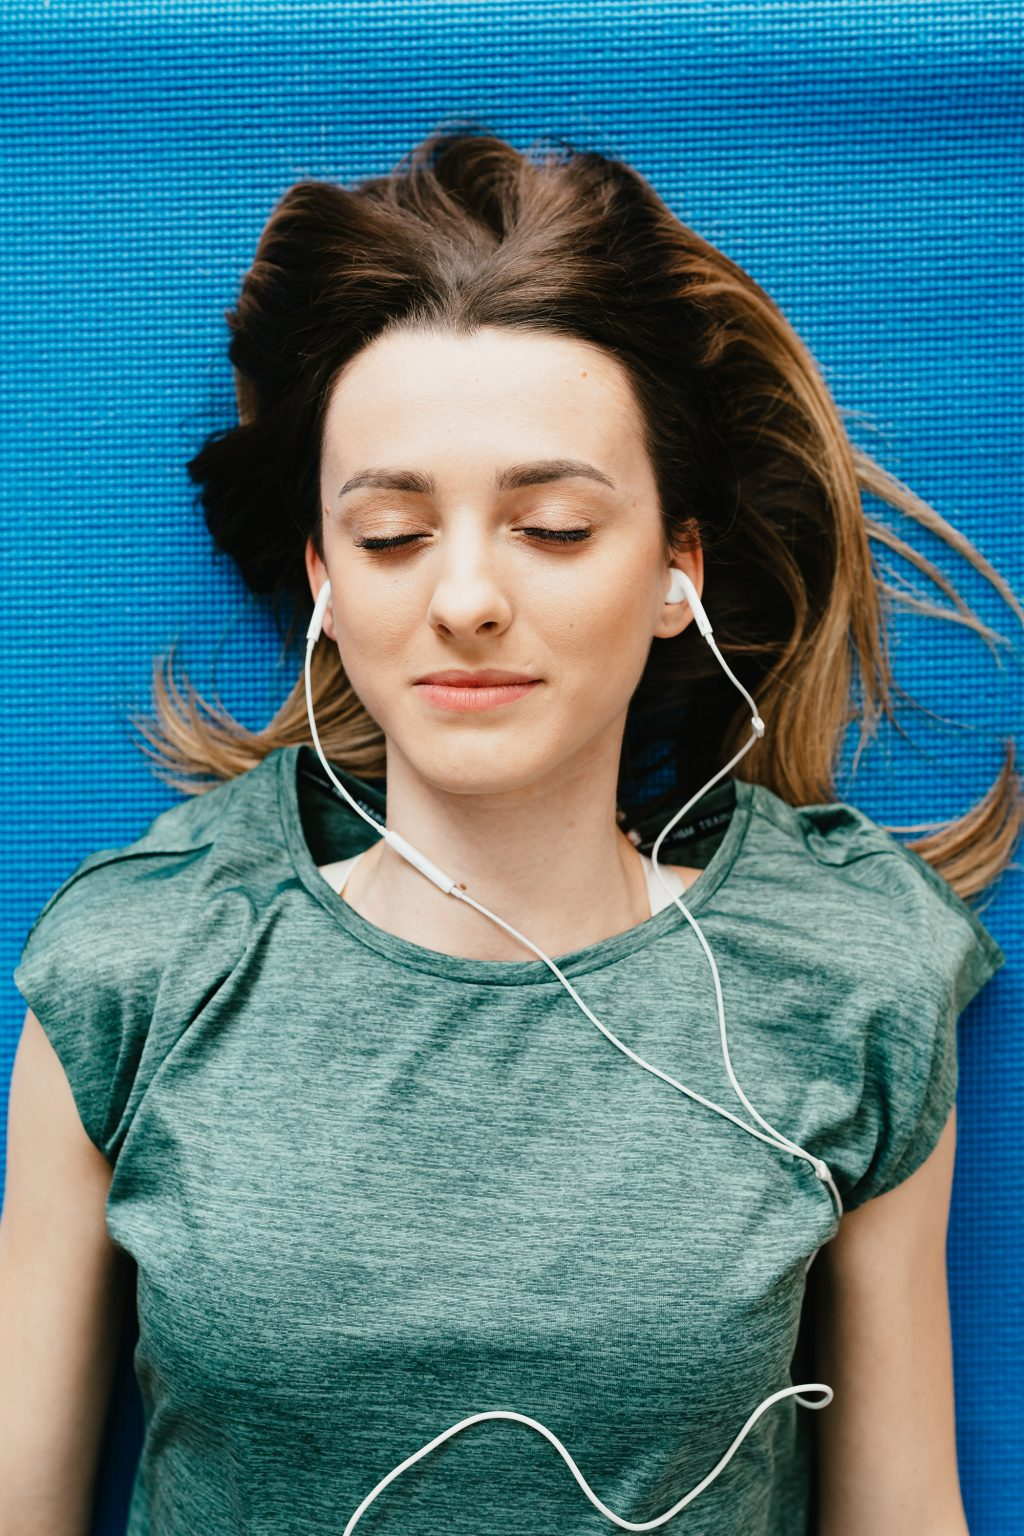 Đeo tai nghe thường xuyên ảnh hưởng đến sức khỏe đôi tai